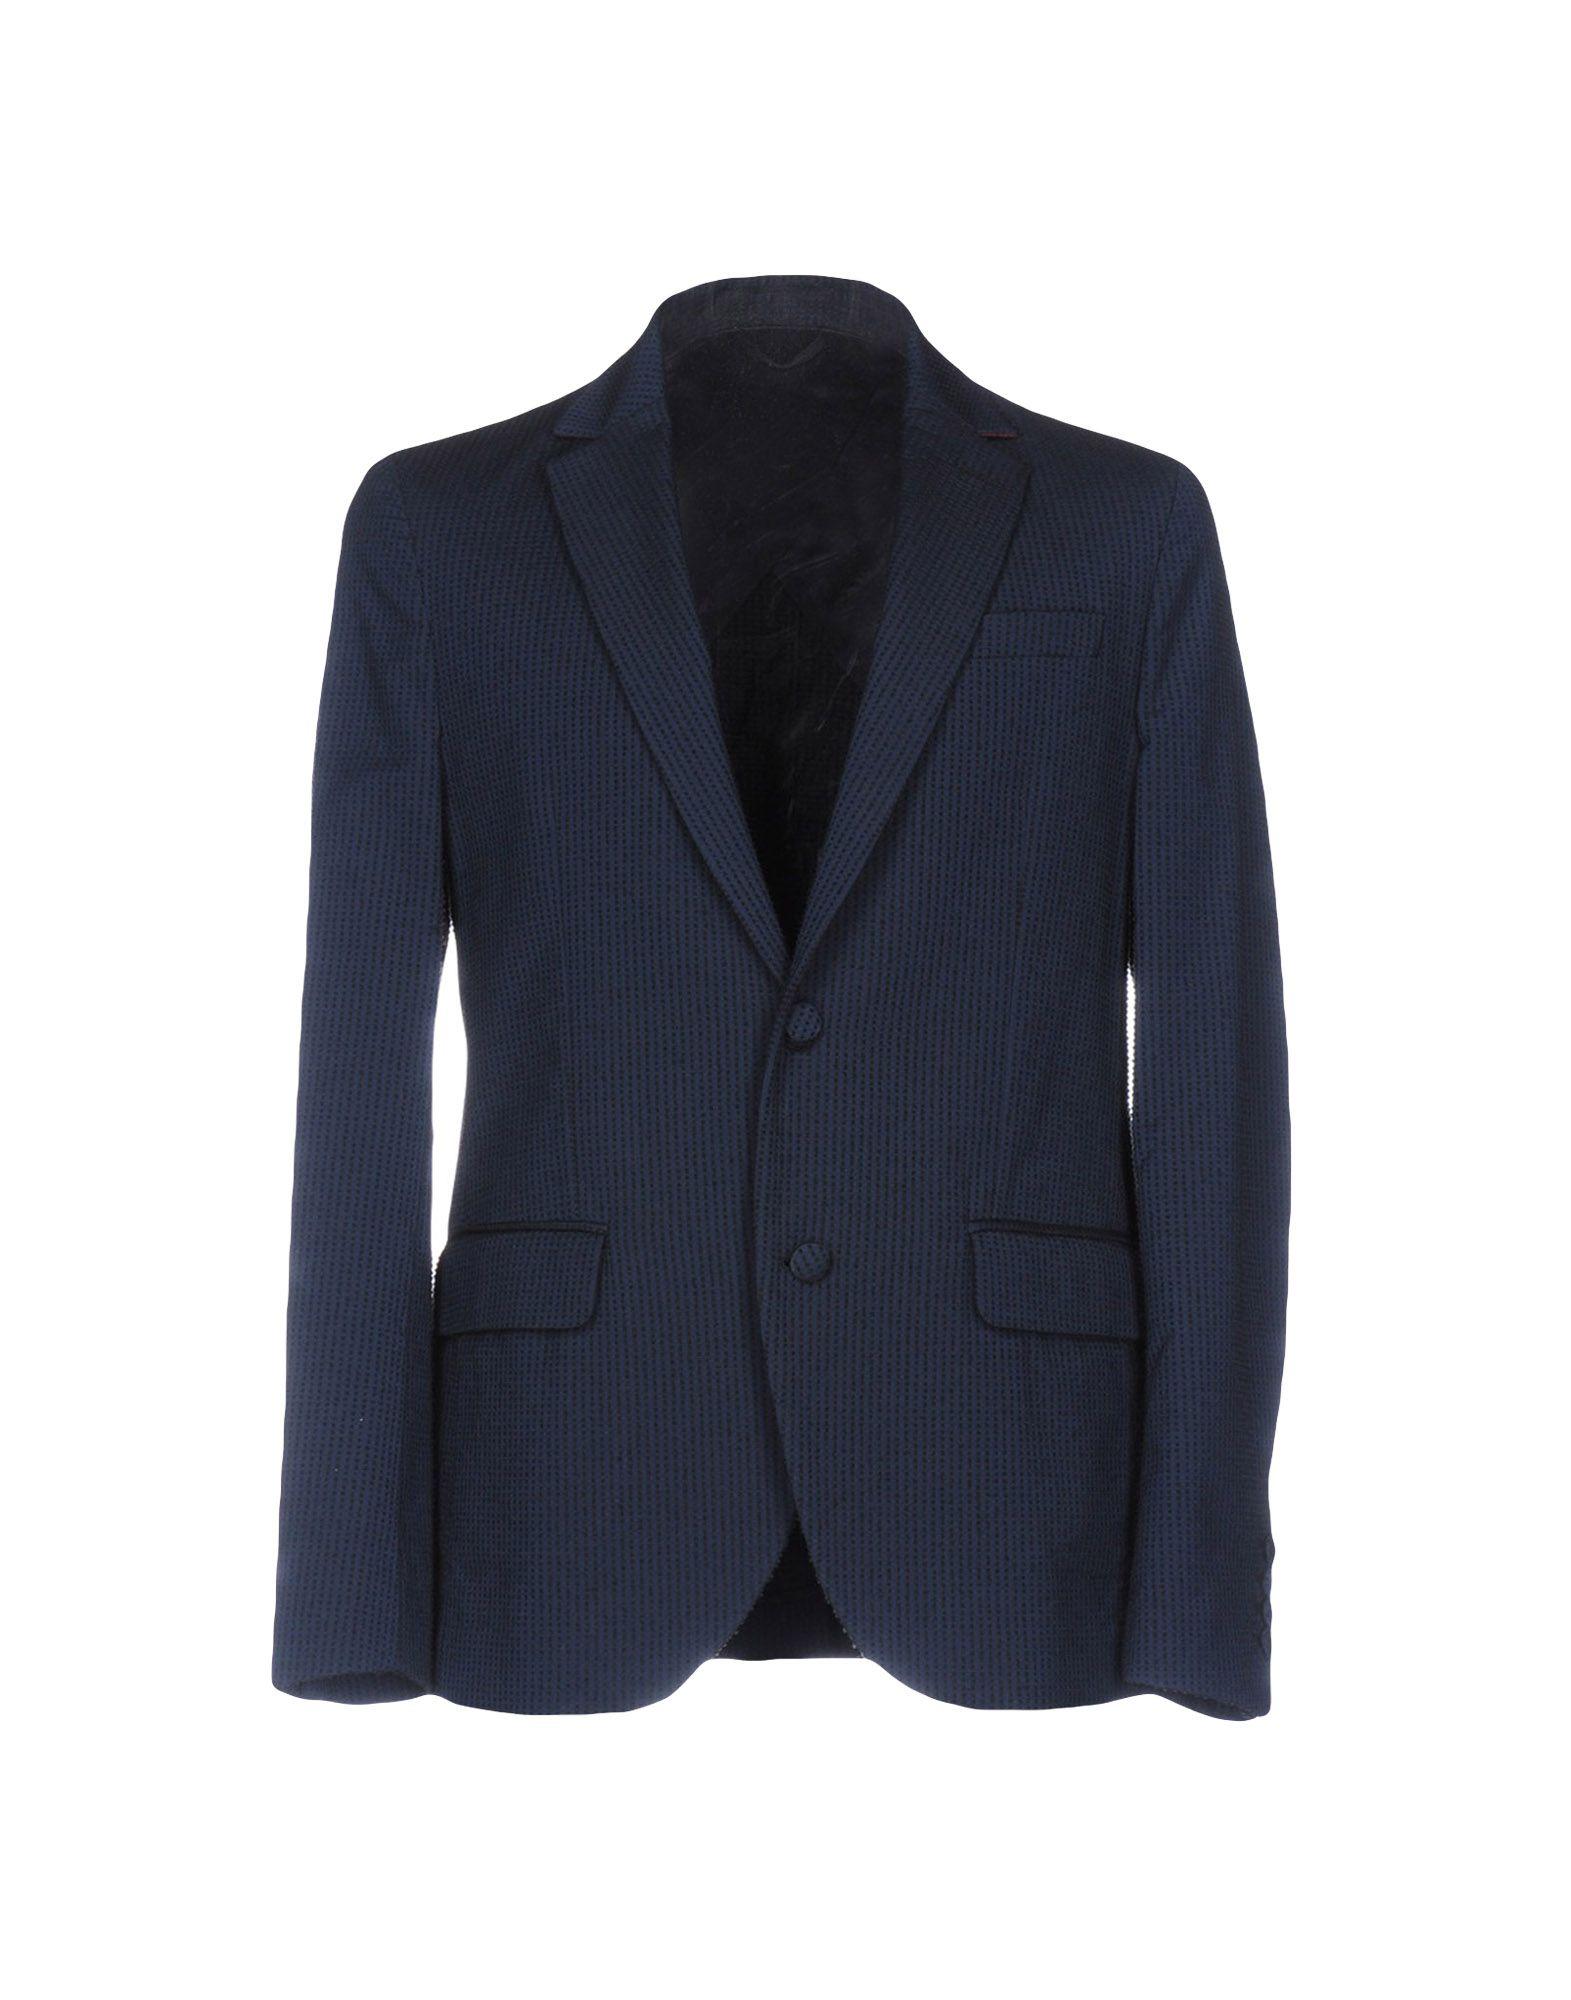 MAISON LVCHINO Blazer in Dark Blue